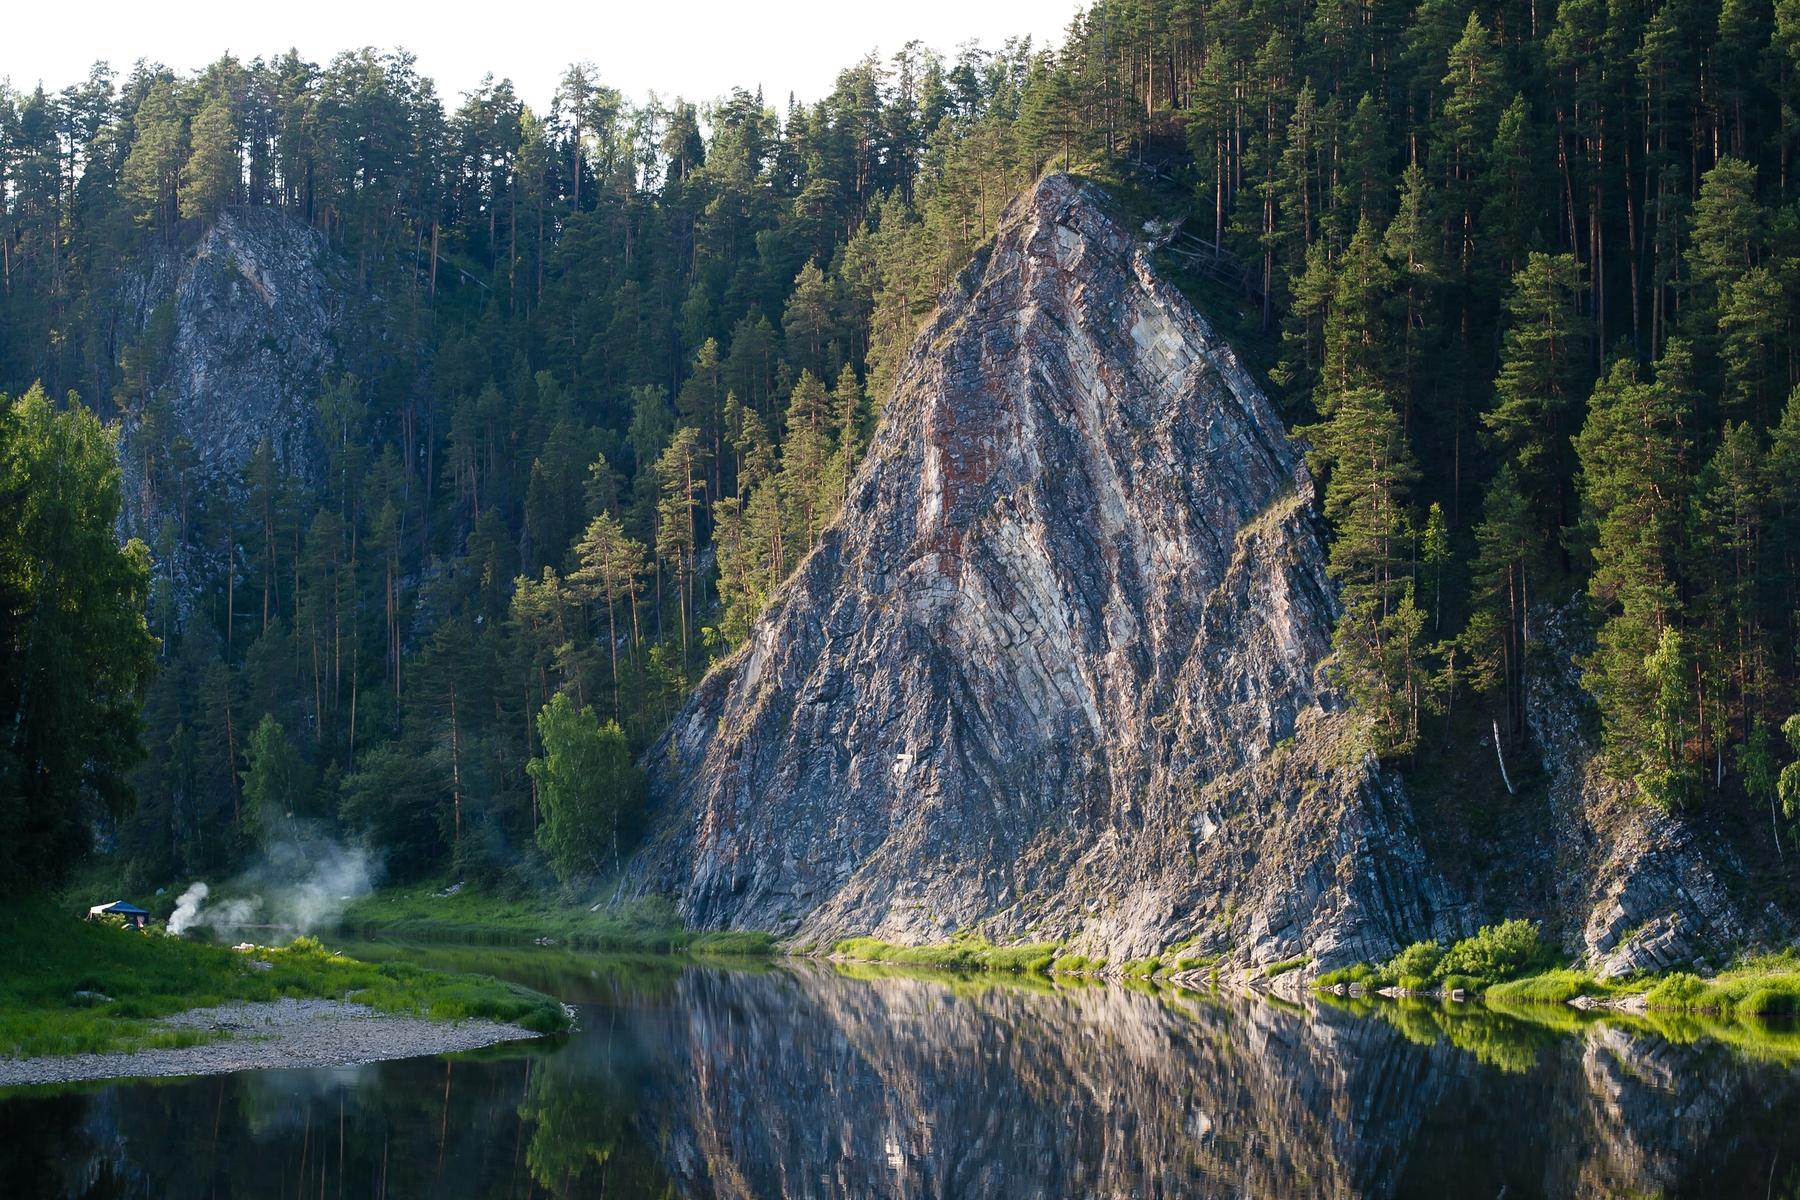 Отдых в России. Дужный Камень на реке Чусовая, Пермский край